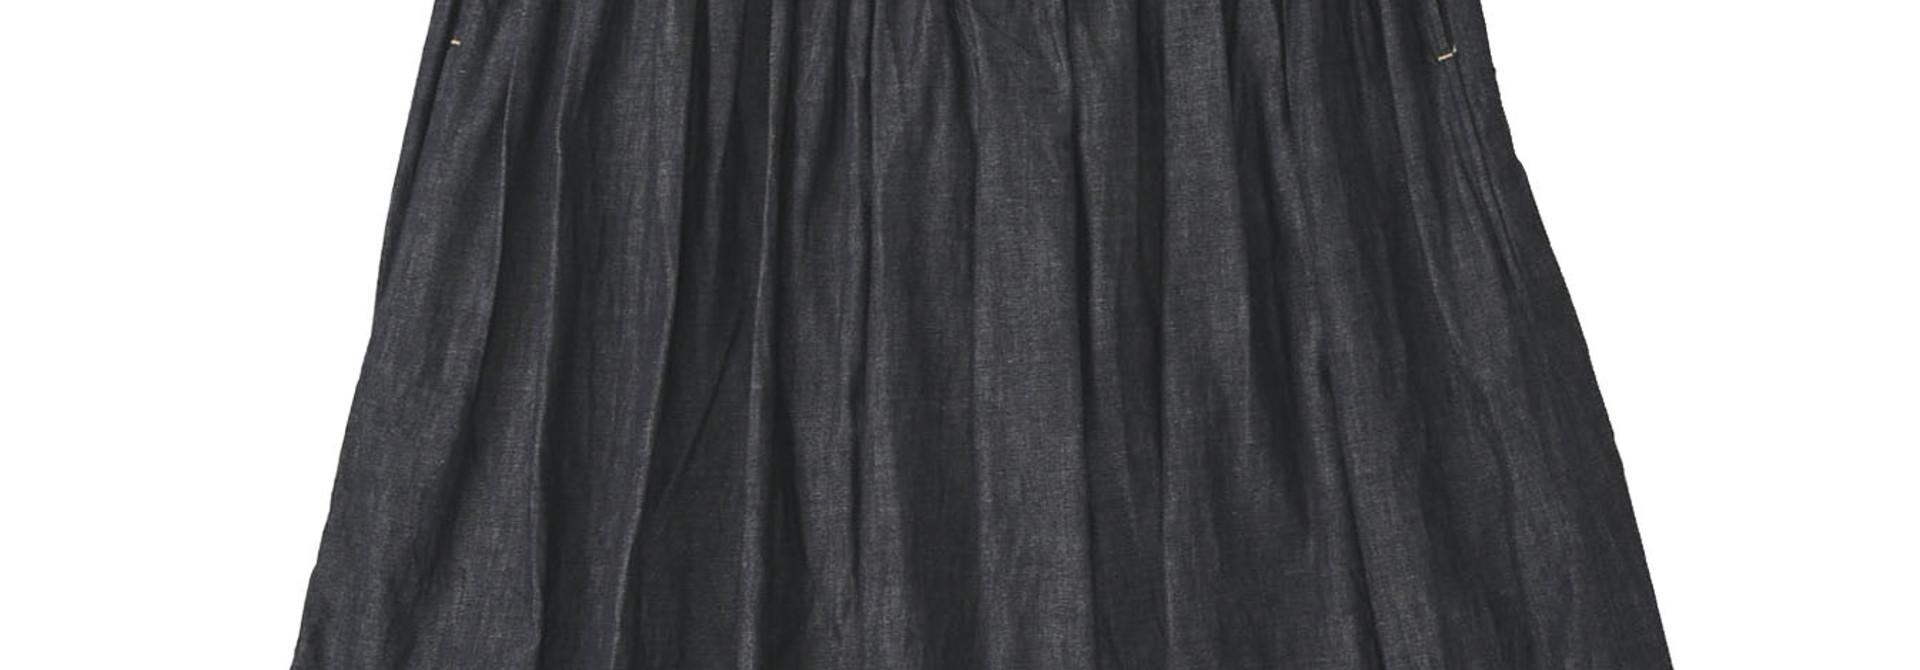 Denim Gathered Culottes Skirt(0721)